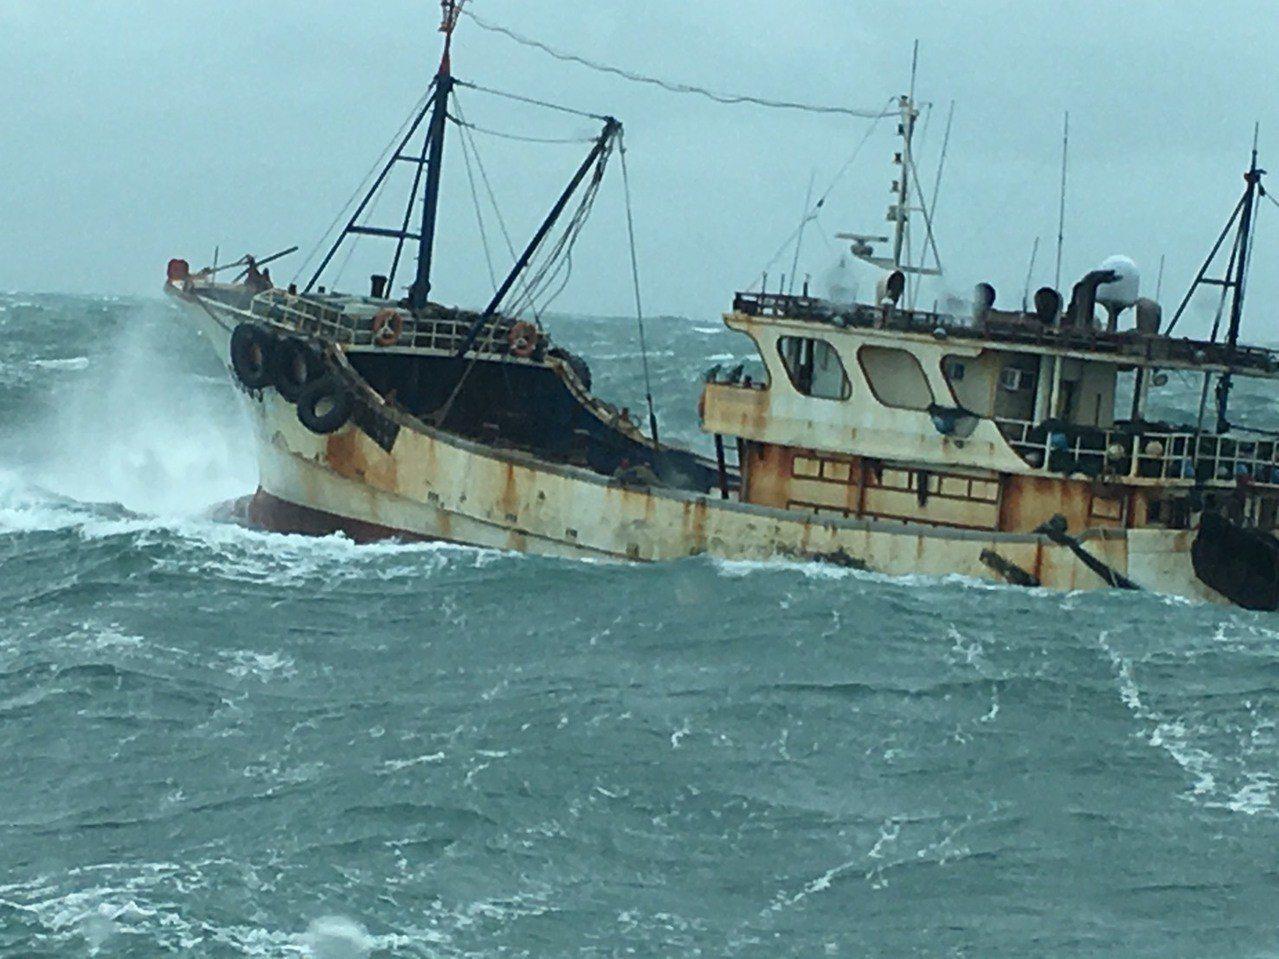 中國大陸漁船常涉趁海象不佳,越界到澎湖捕魚。圖/澎湖縣府提供